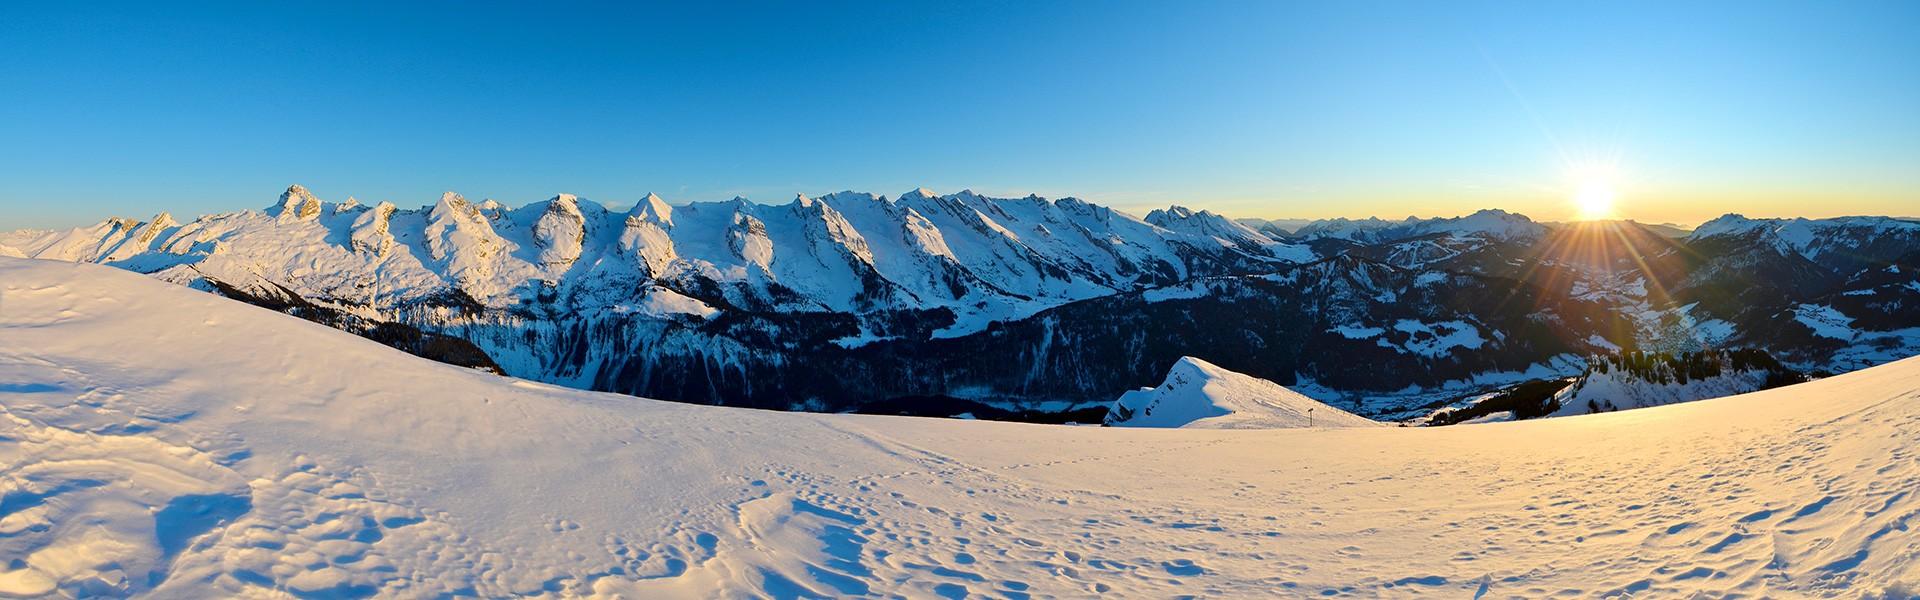 coucher-soleil-chaine-aravis-145941-202470